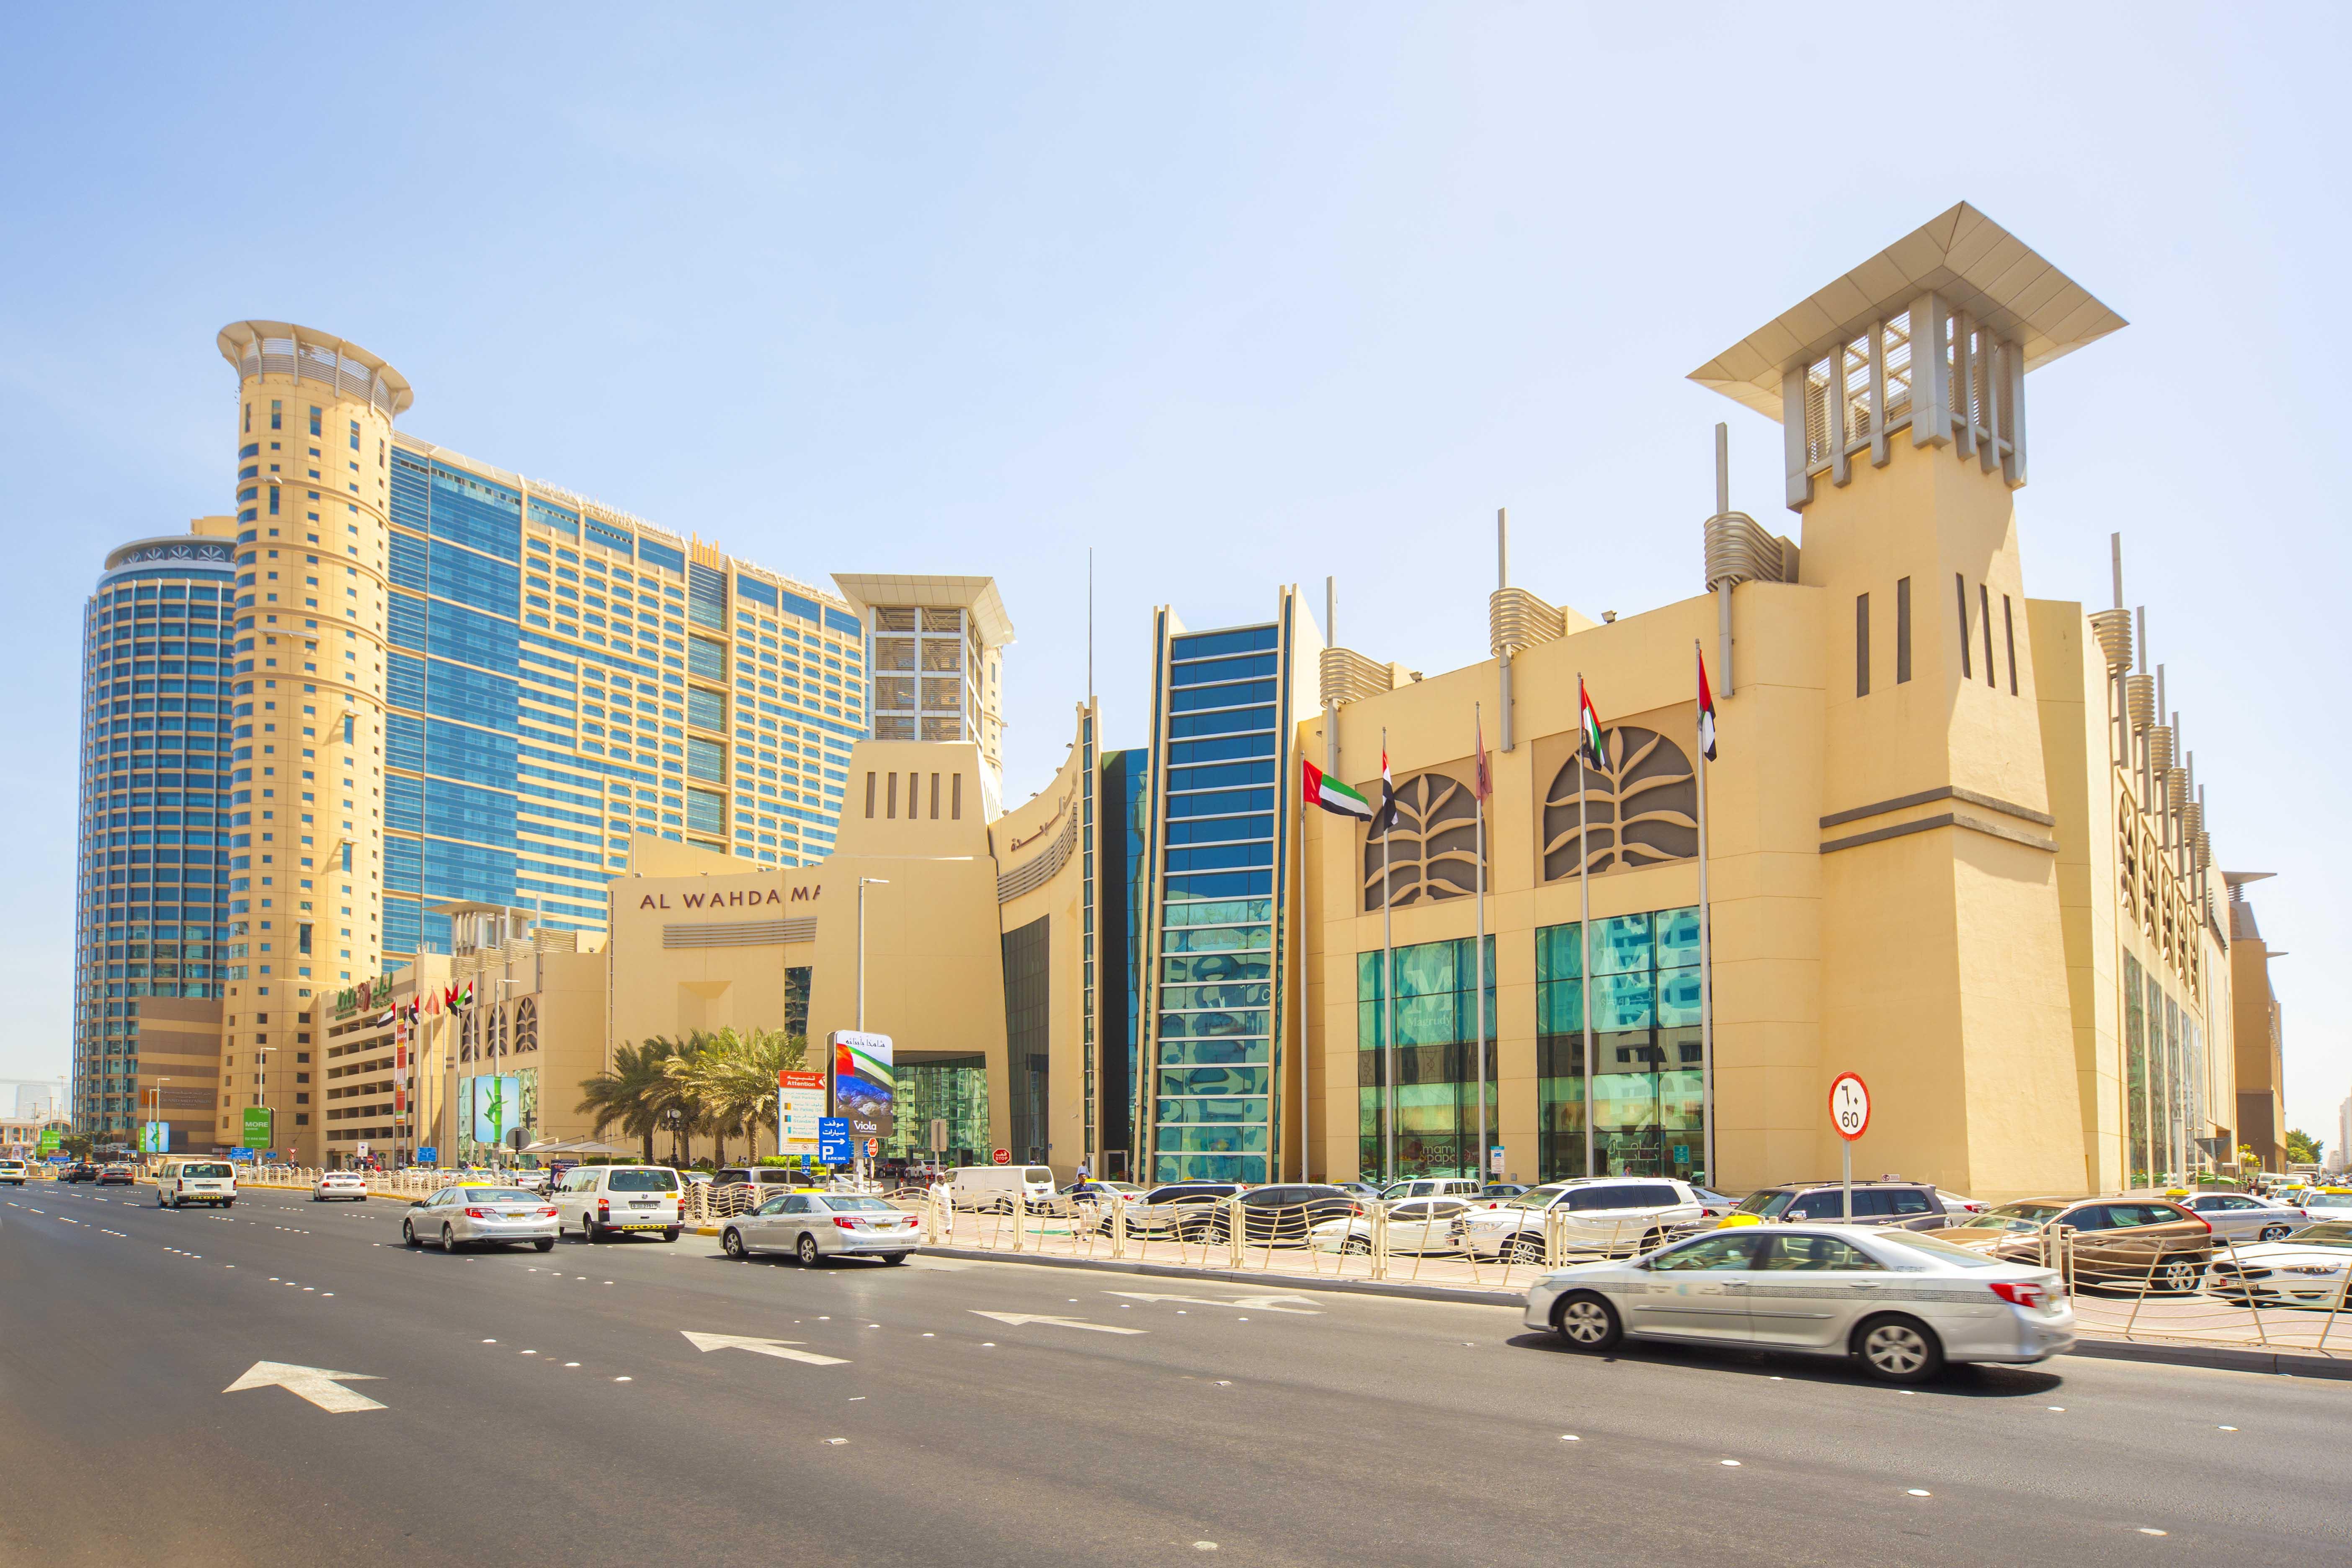 Al Wahda Mall celebrates 10th anniversary with 'Shop and Win